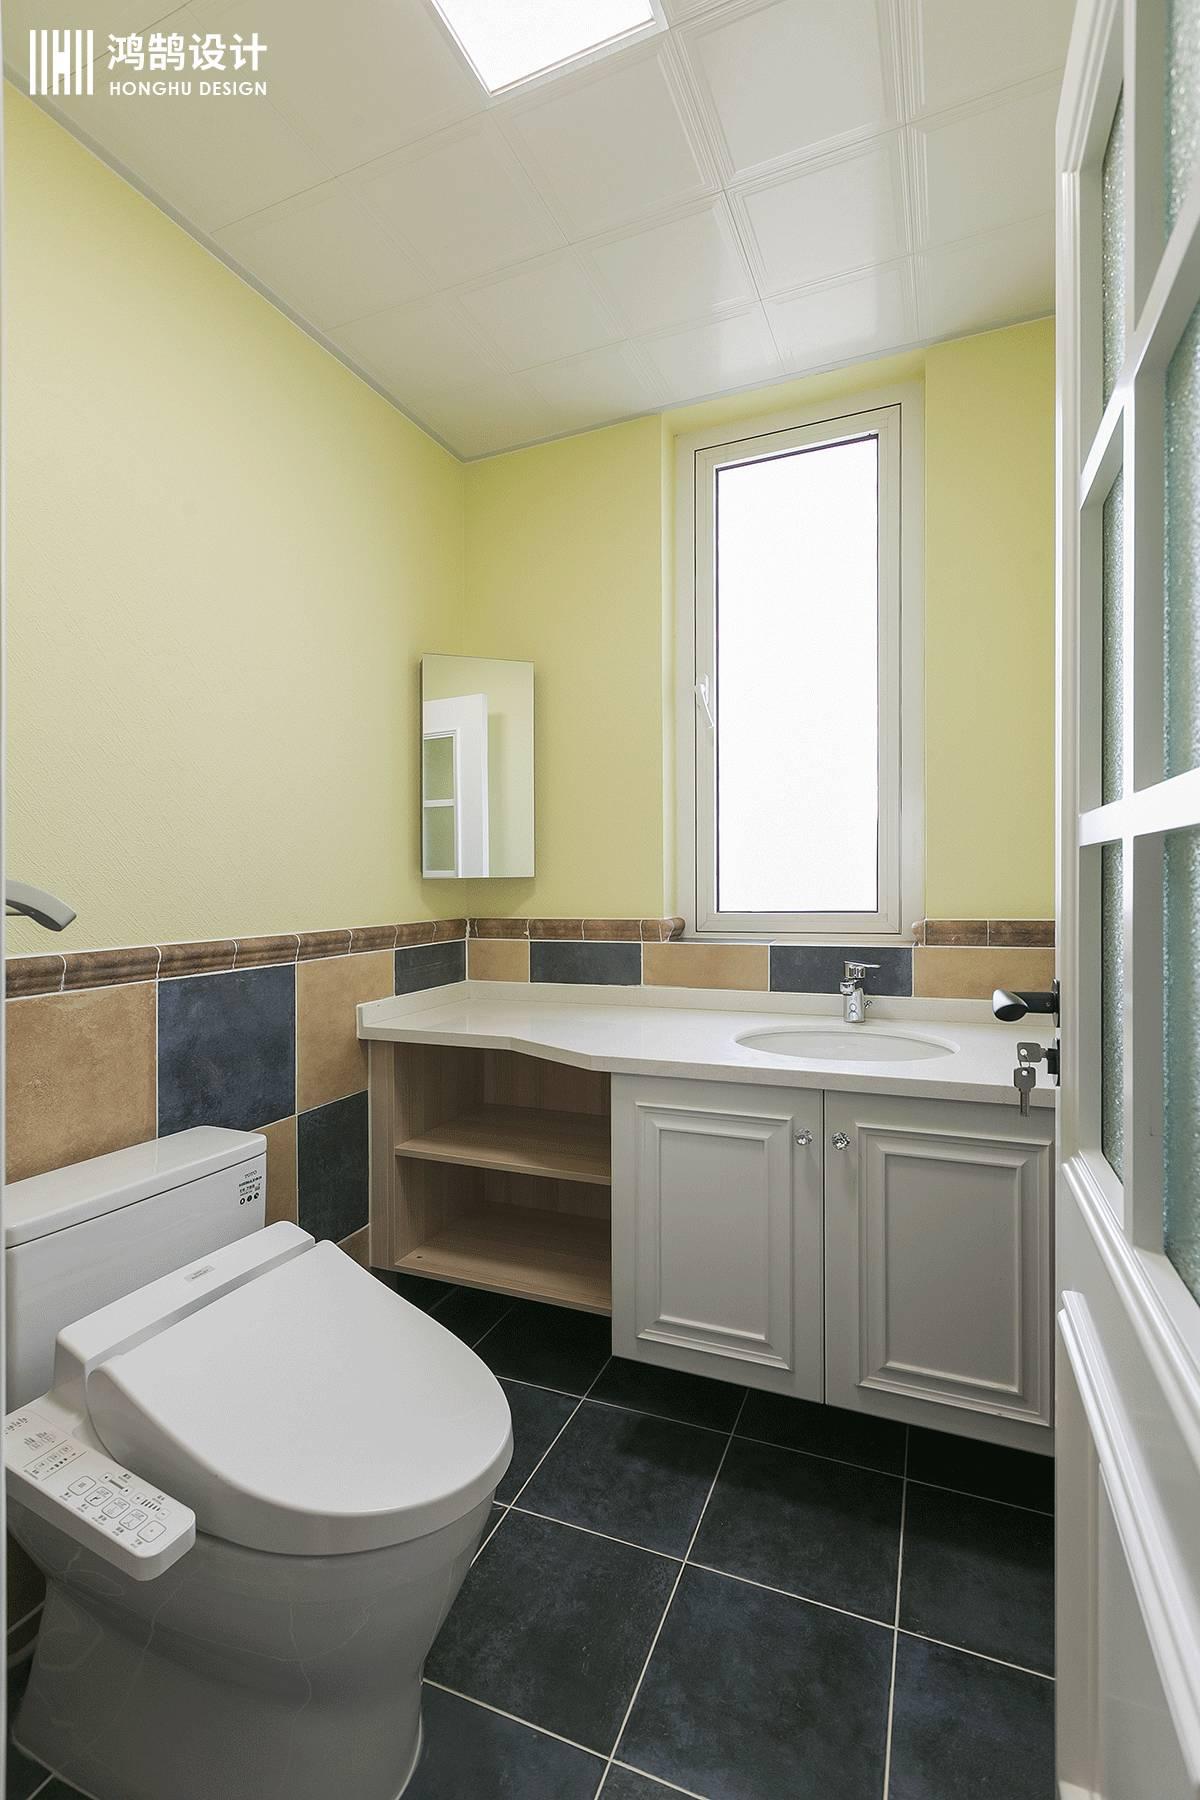 120㎡简约美式家卫生间装潢图